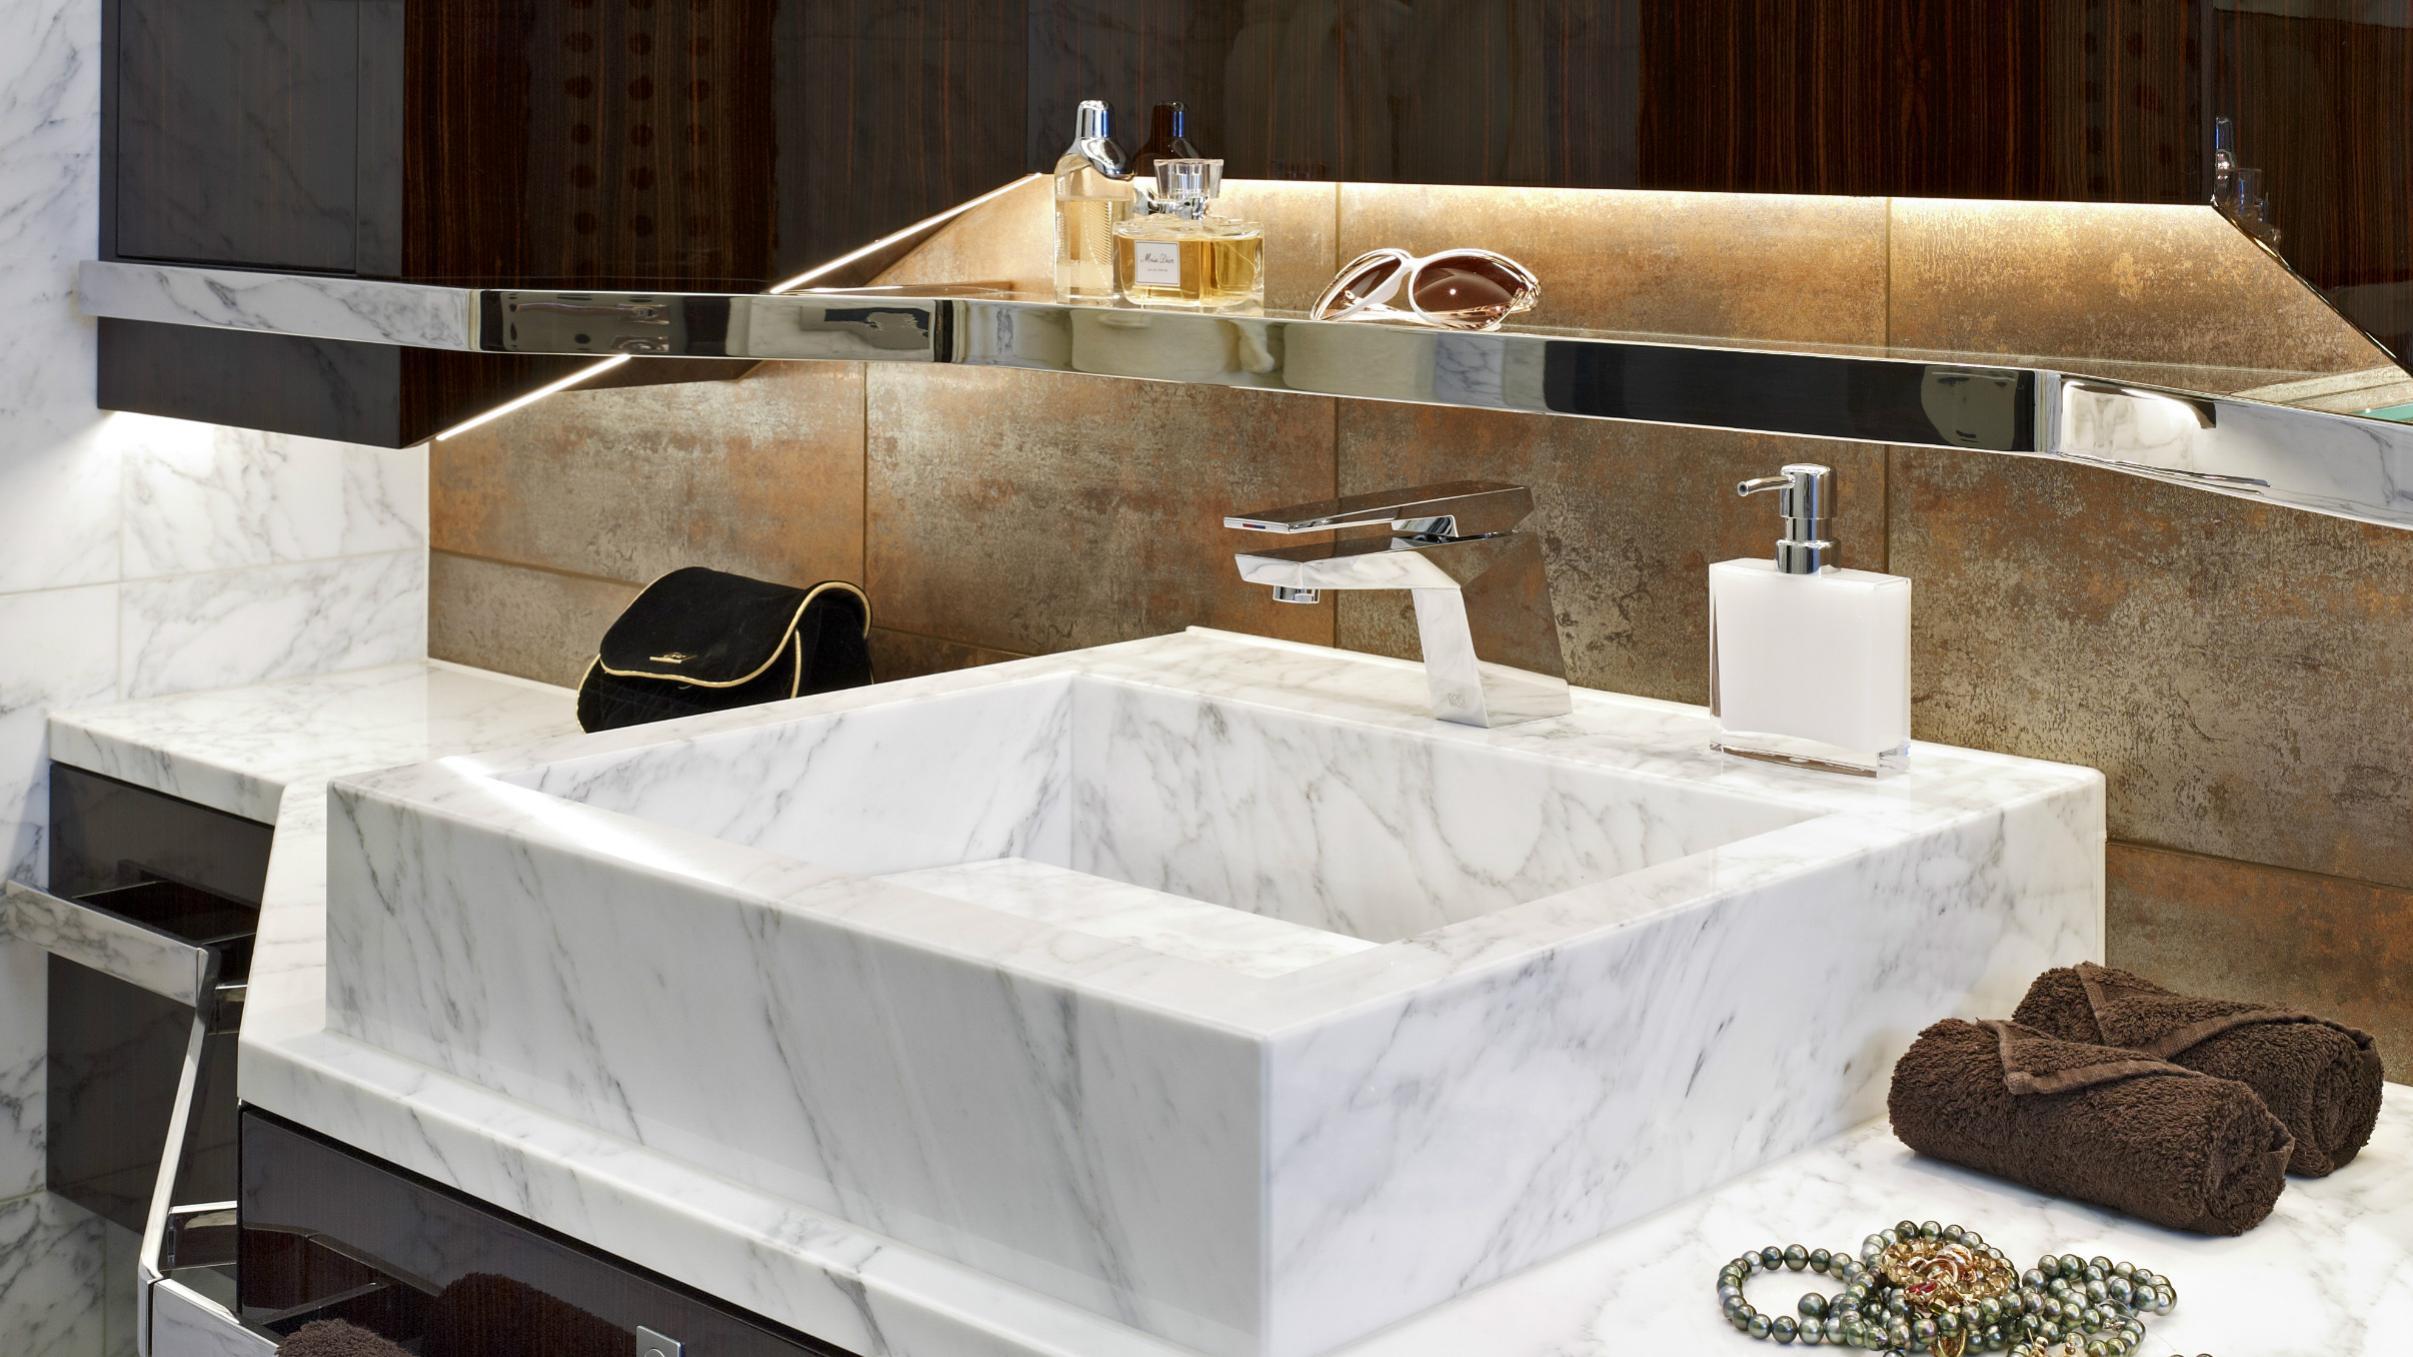 odyssea-como-lady-petra-motor-yacht-heesen-2012-47m-bathroom